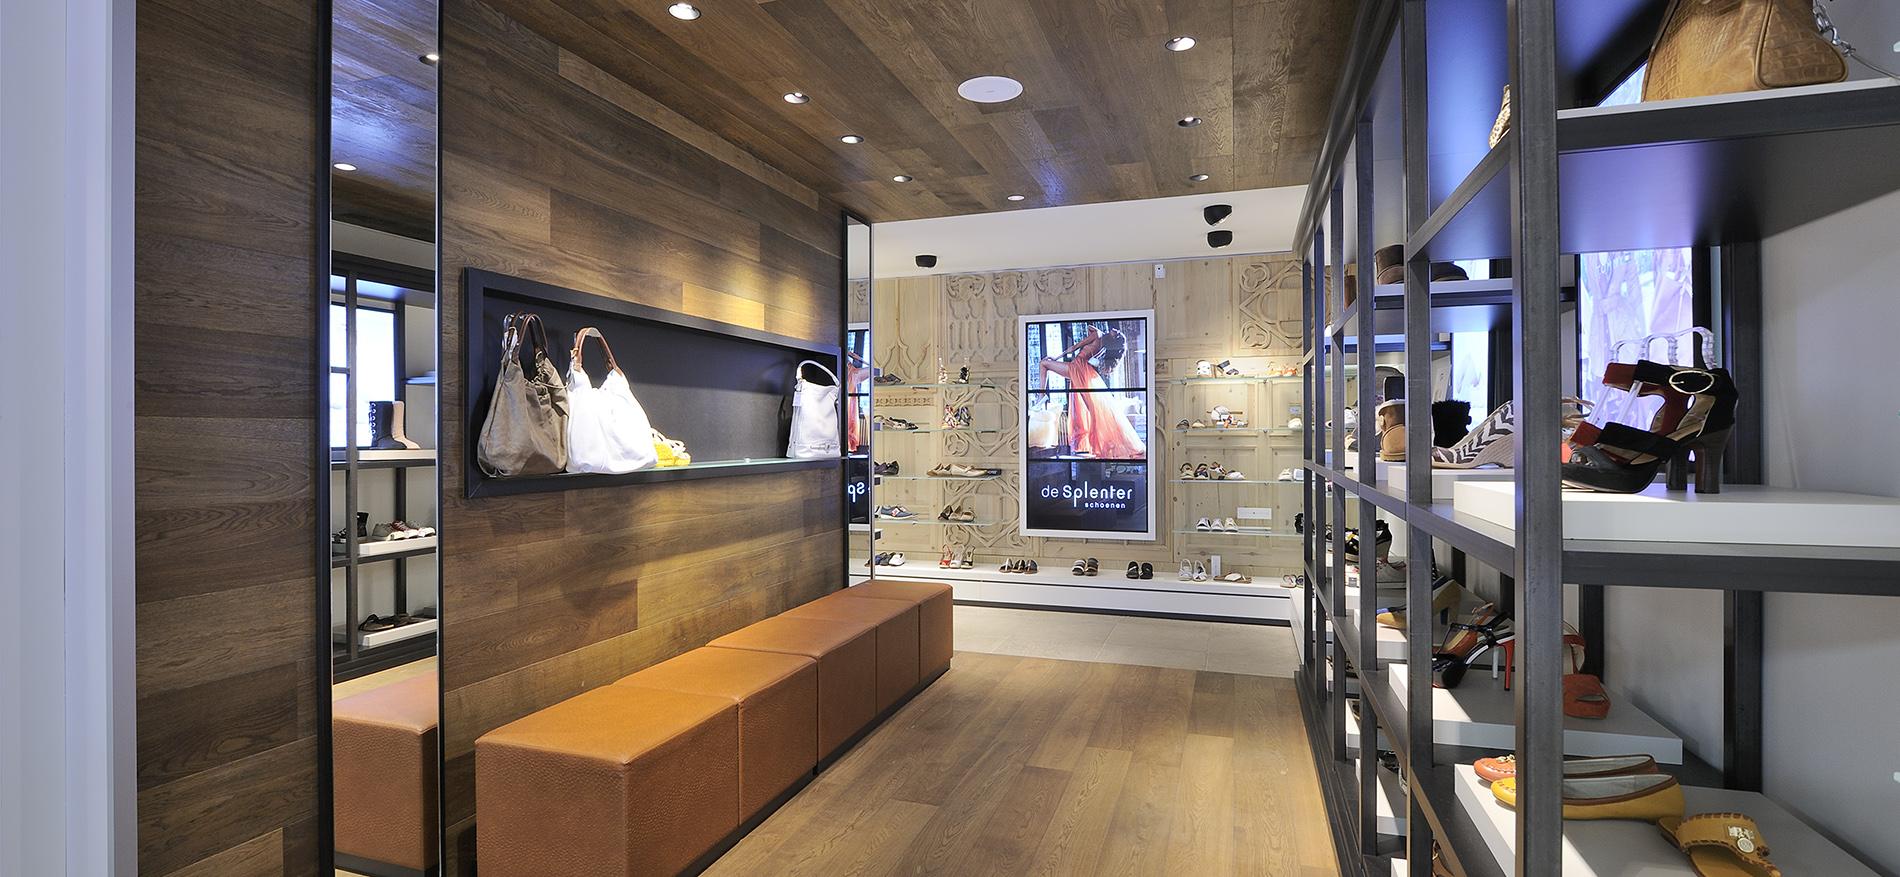 Chaussures Agencement Interieur Pour La Boutique De Chaussures